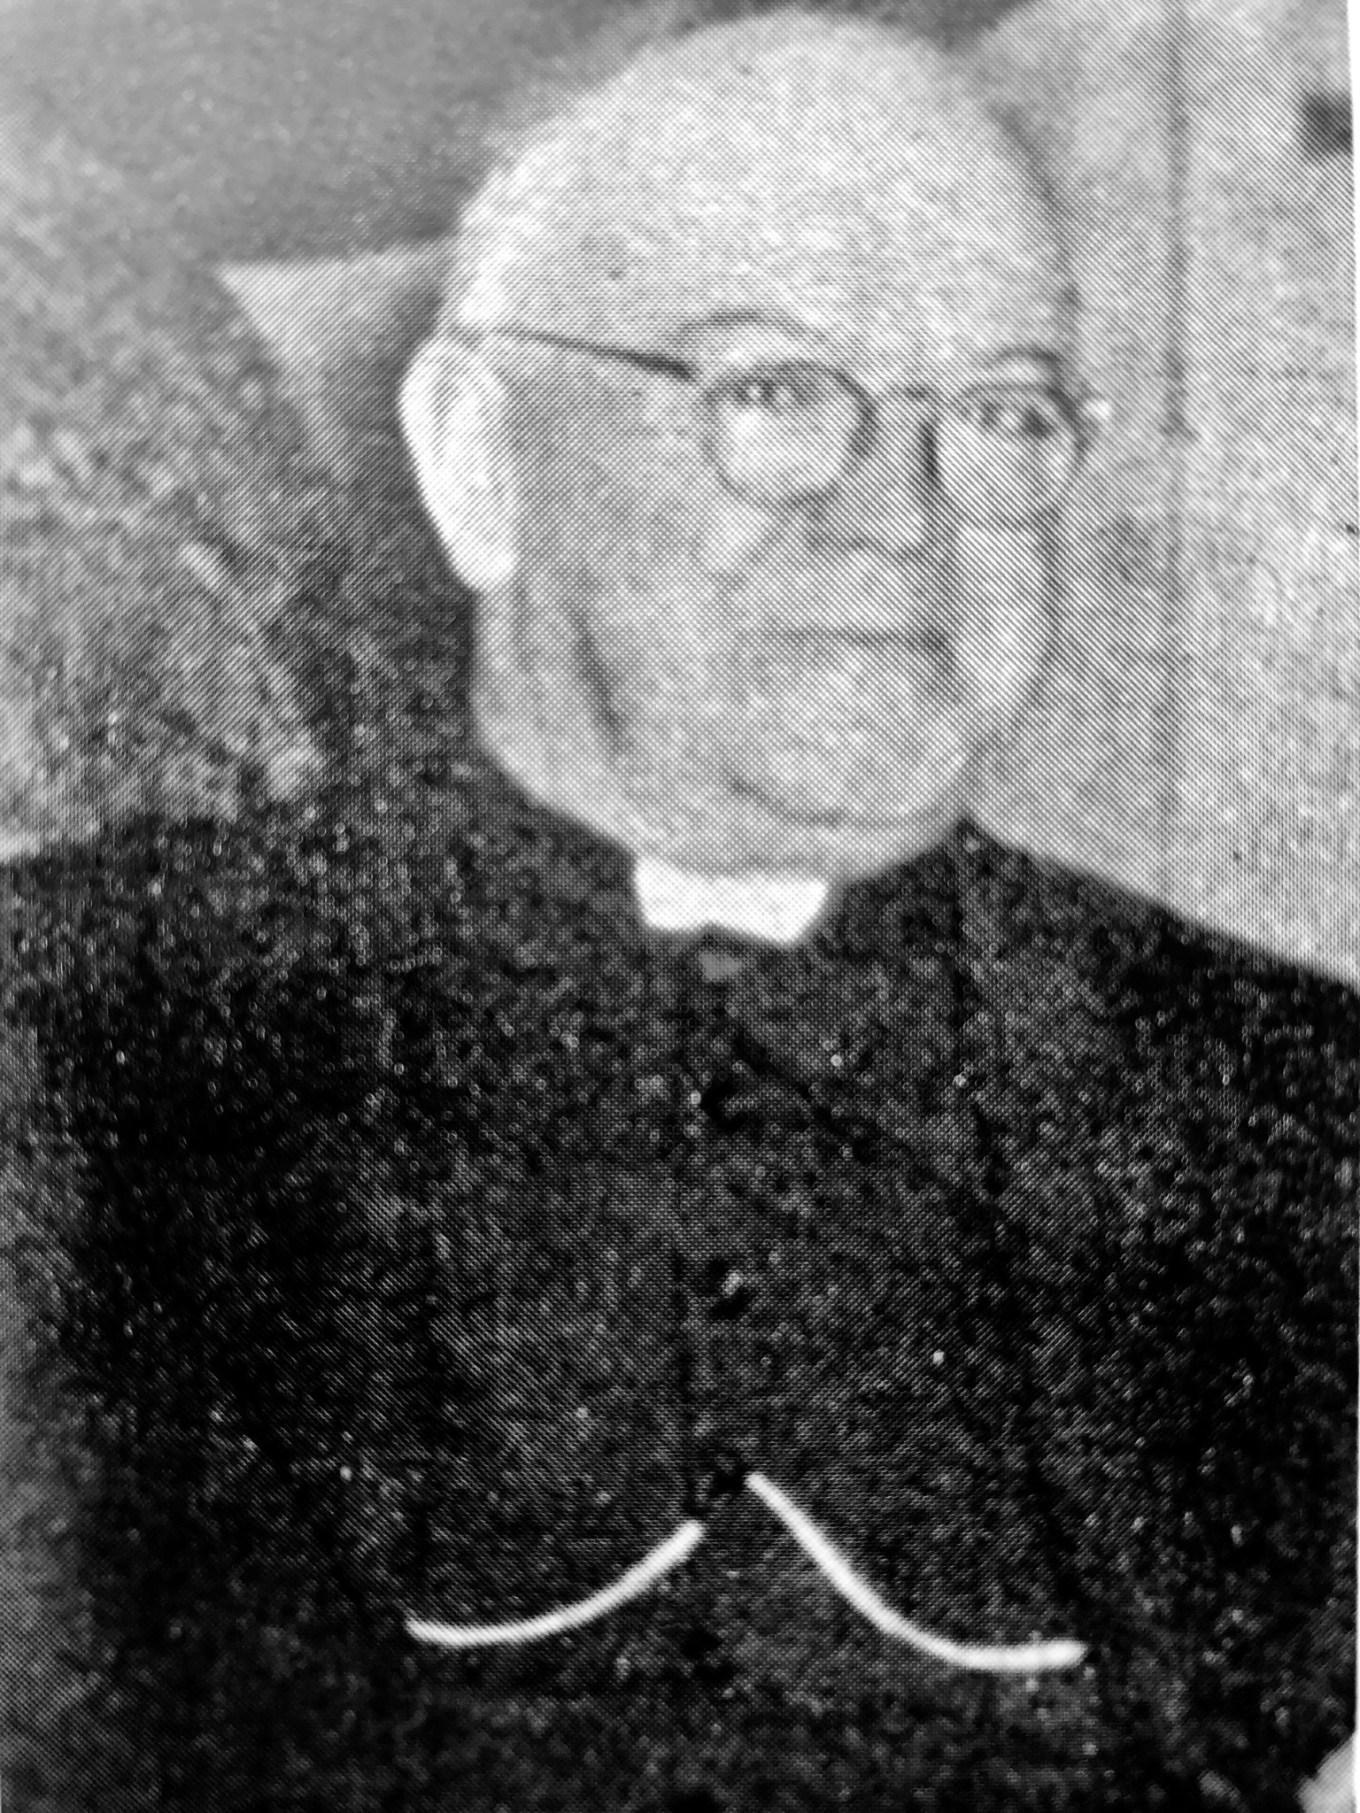 Rev. Charles Johnson